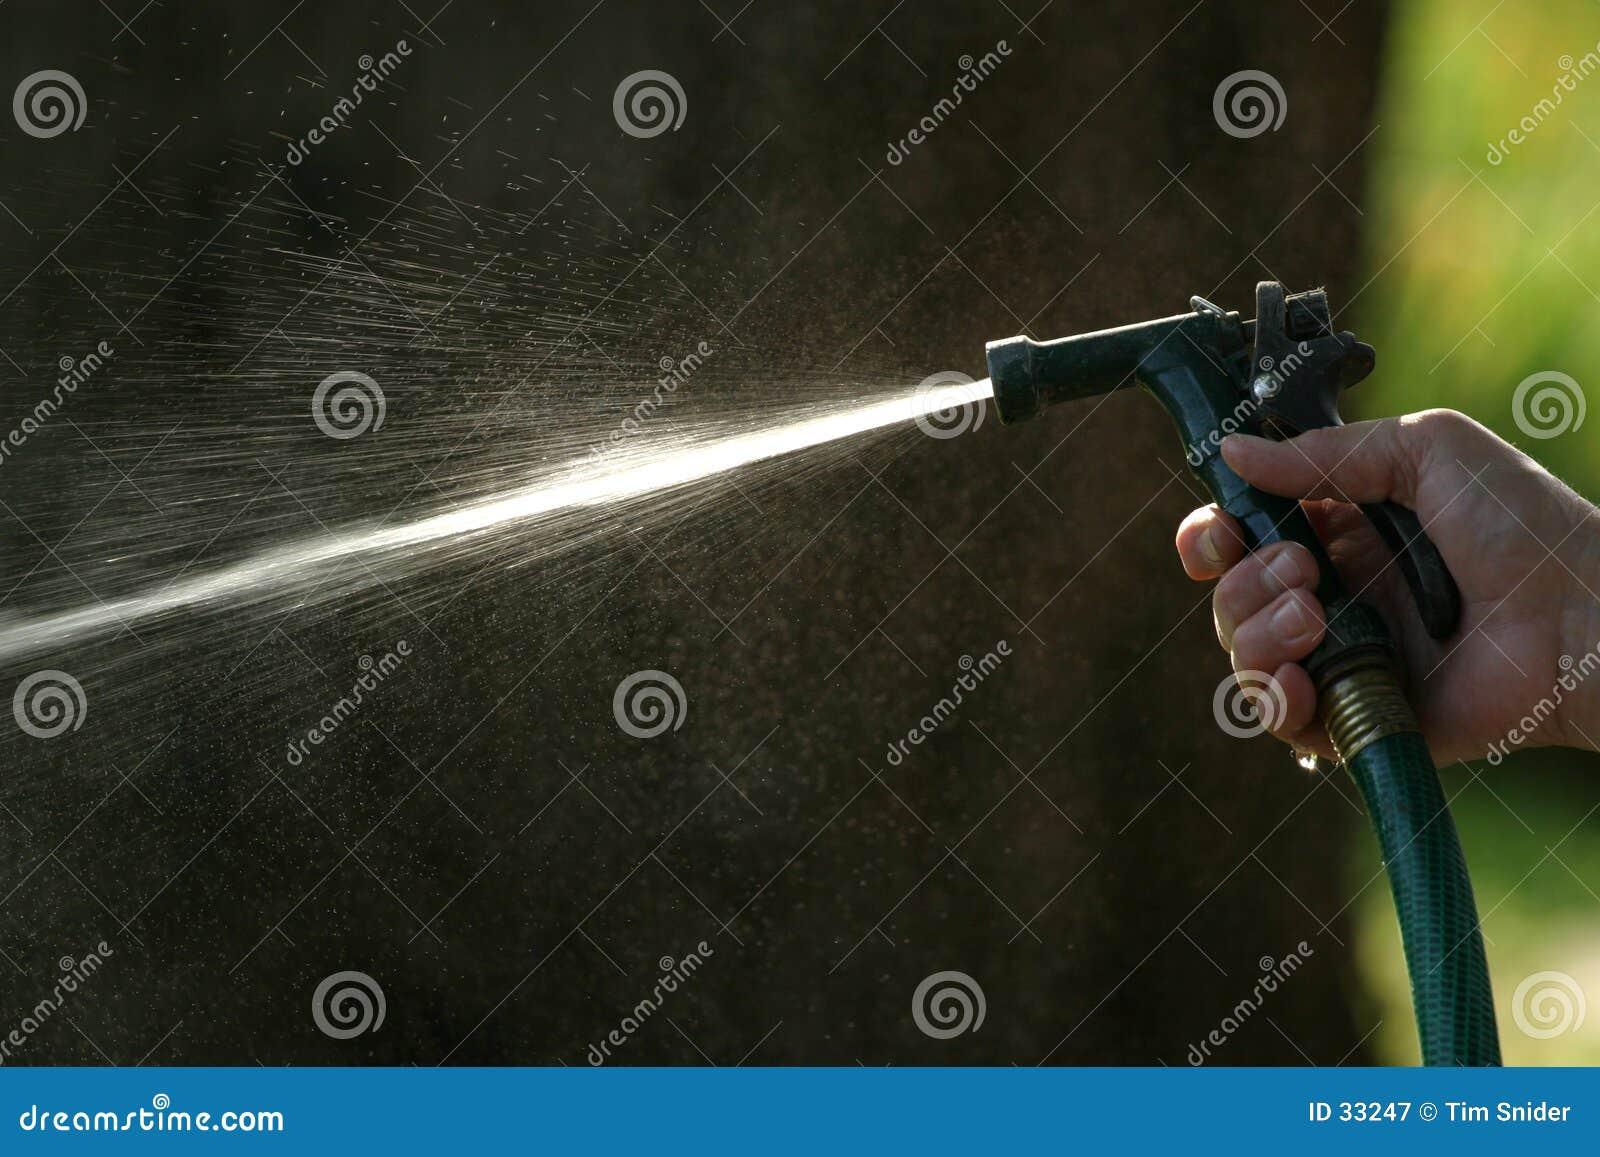 sprühschlauch stockbild. bild von spray, baum, draußen, hand - 33247